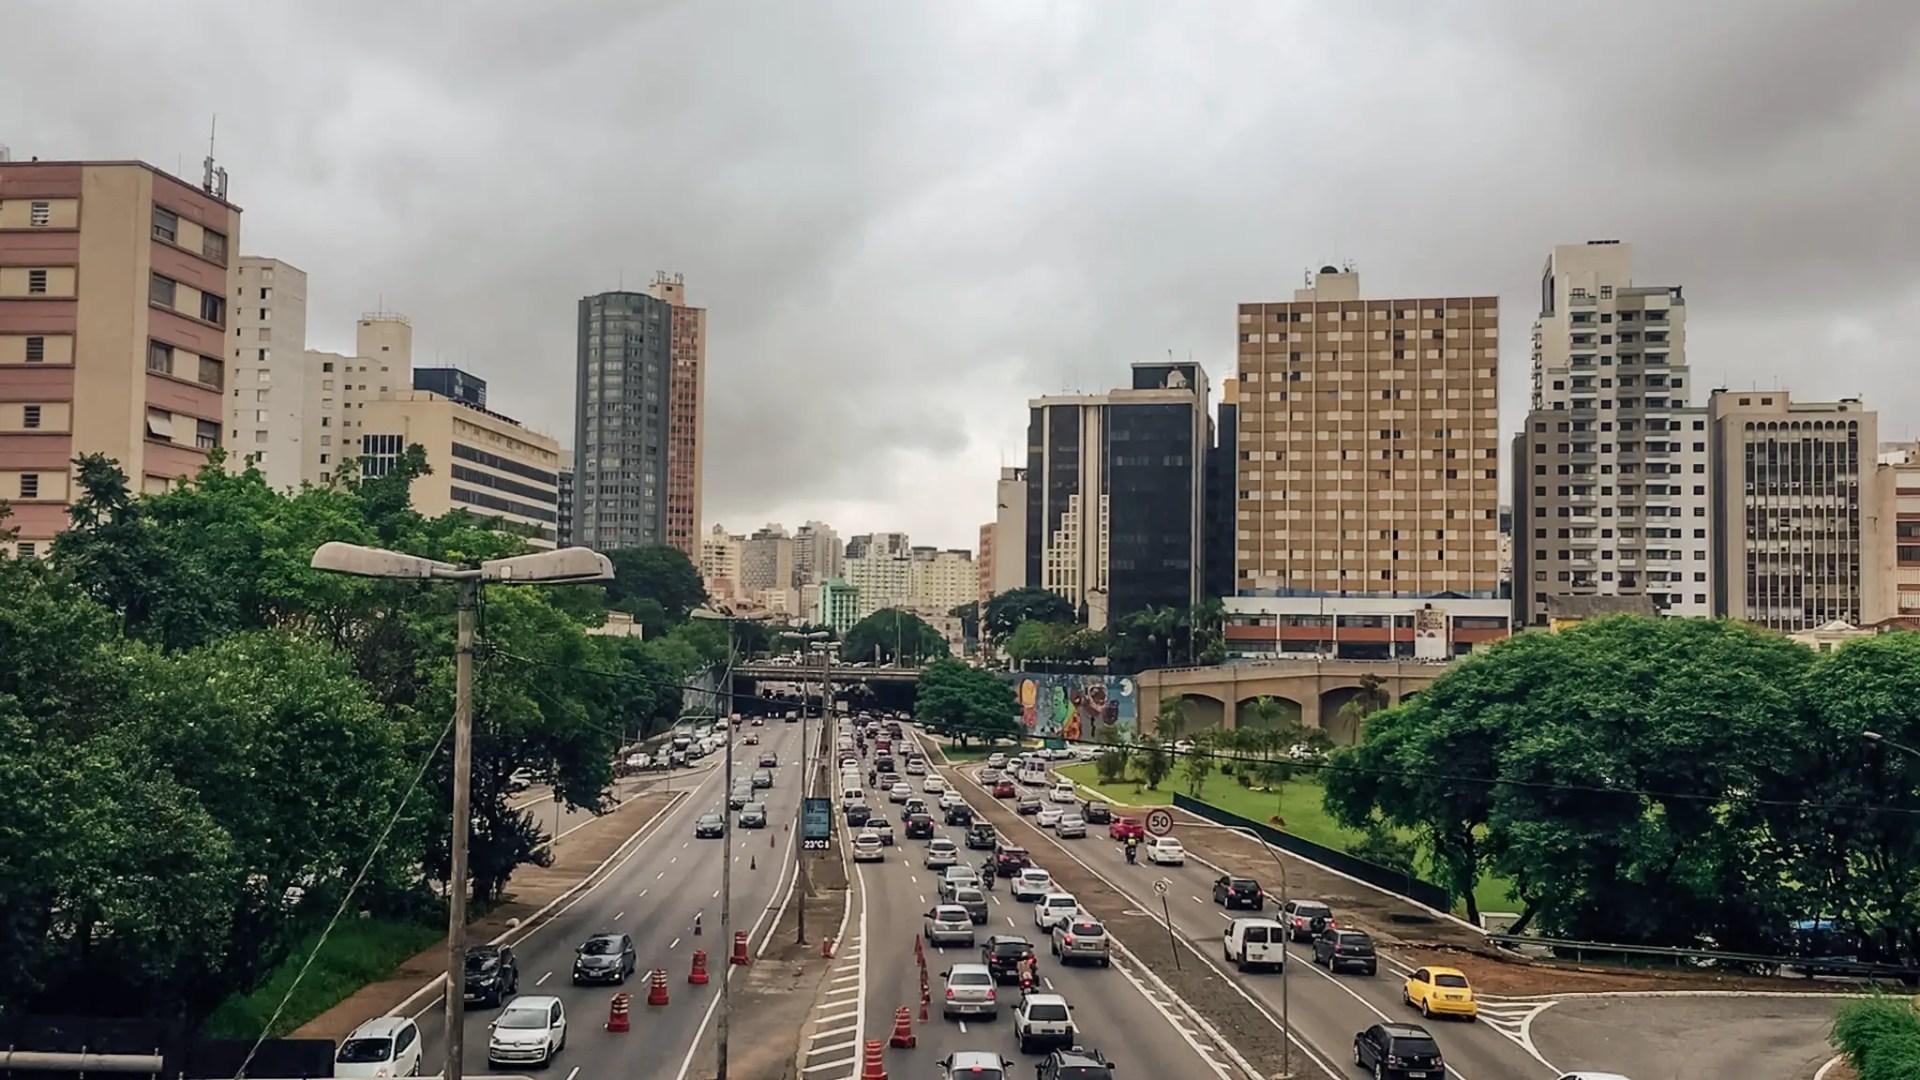 vue centre ville sao paulo brésil